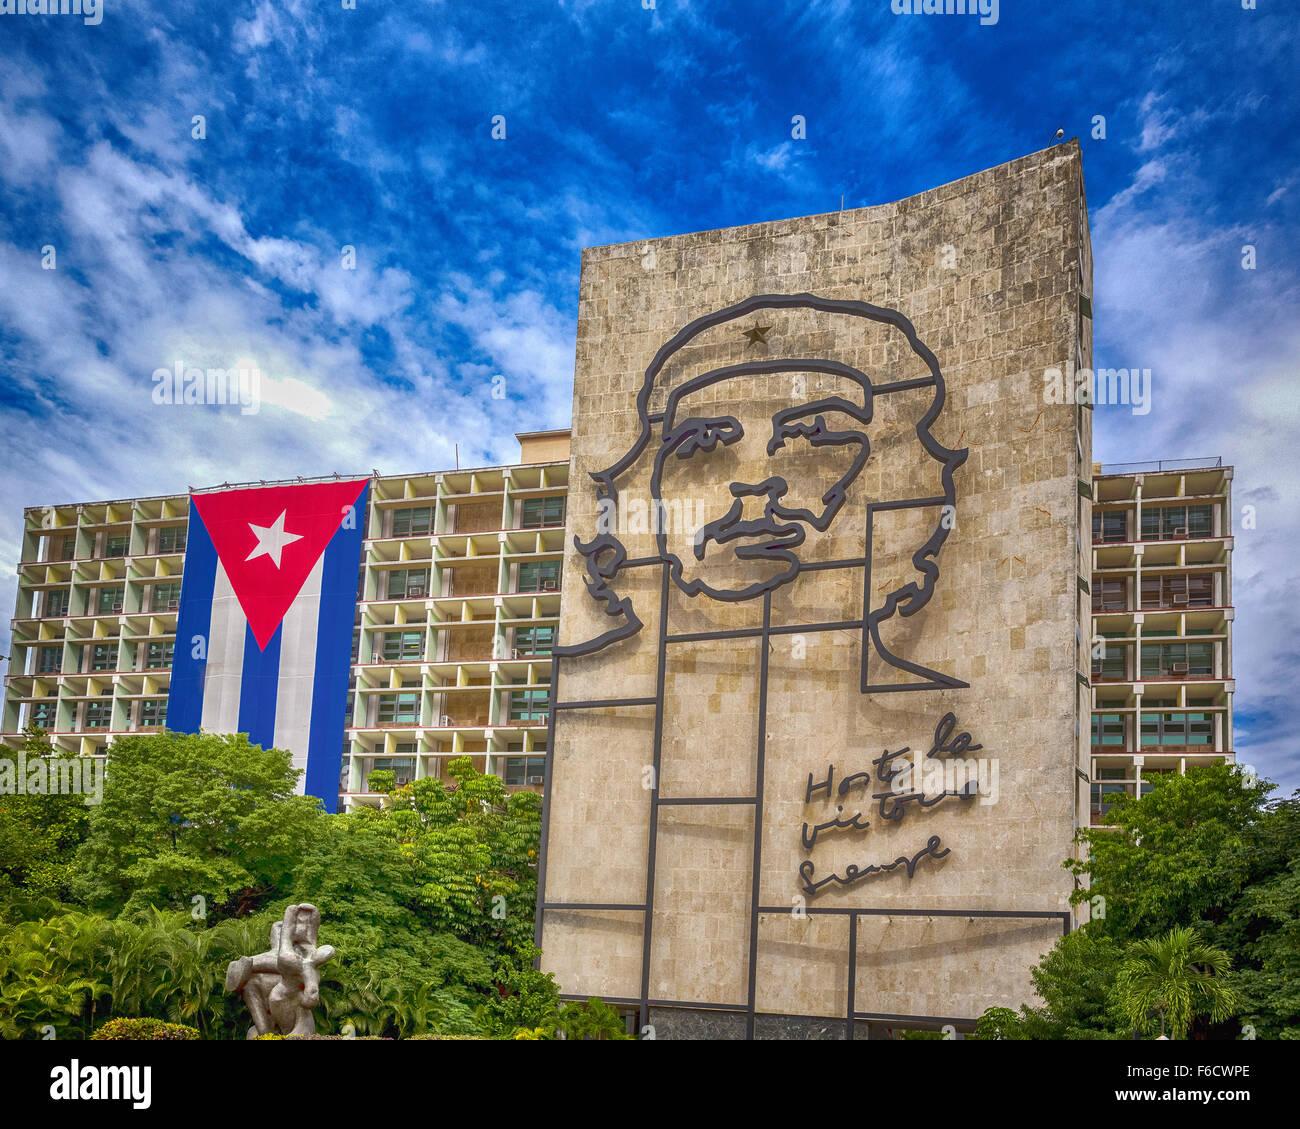 Ernesto Che Guevara als eine Art Installation und Propaganda Kunstwerk an der Wand auf dem Platz der Revolution Stockbild